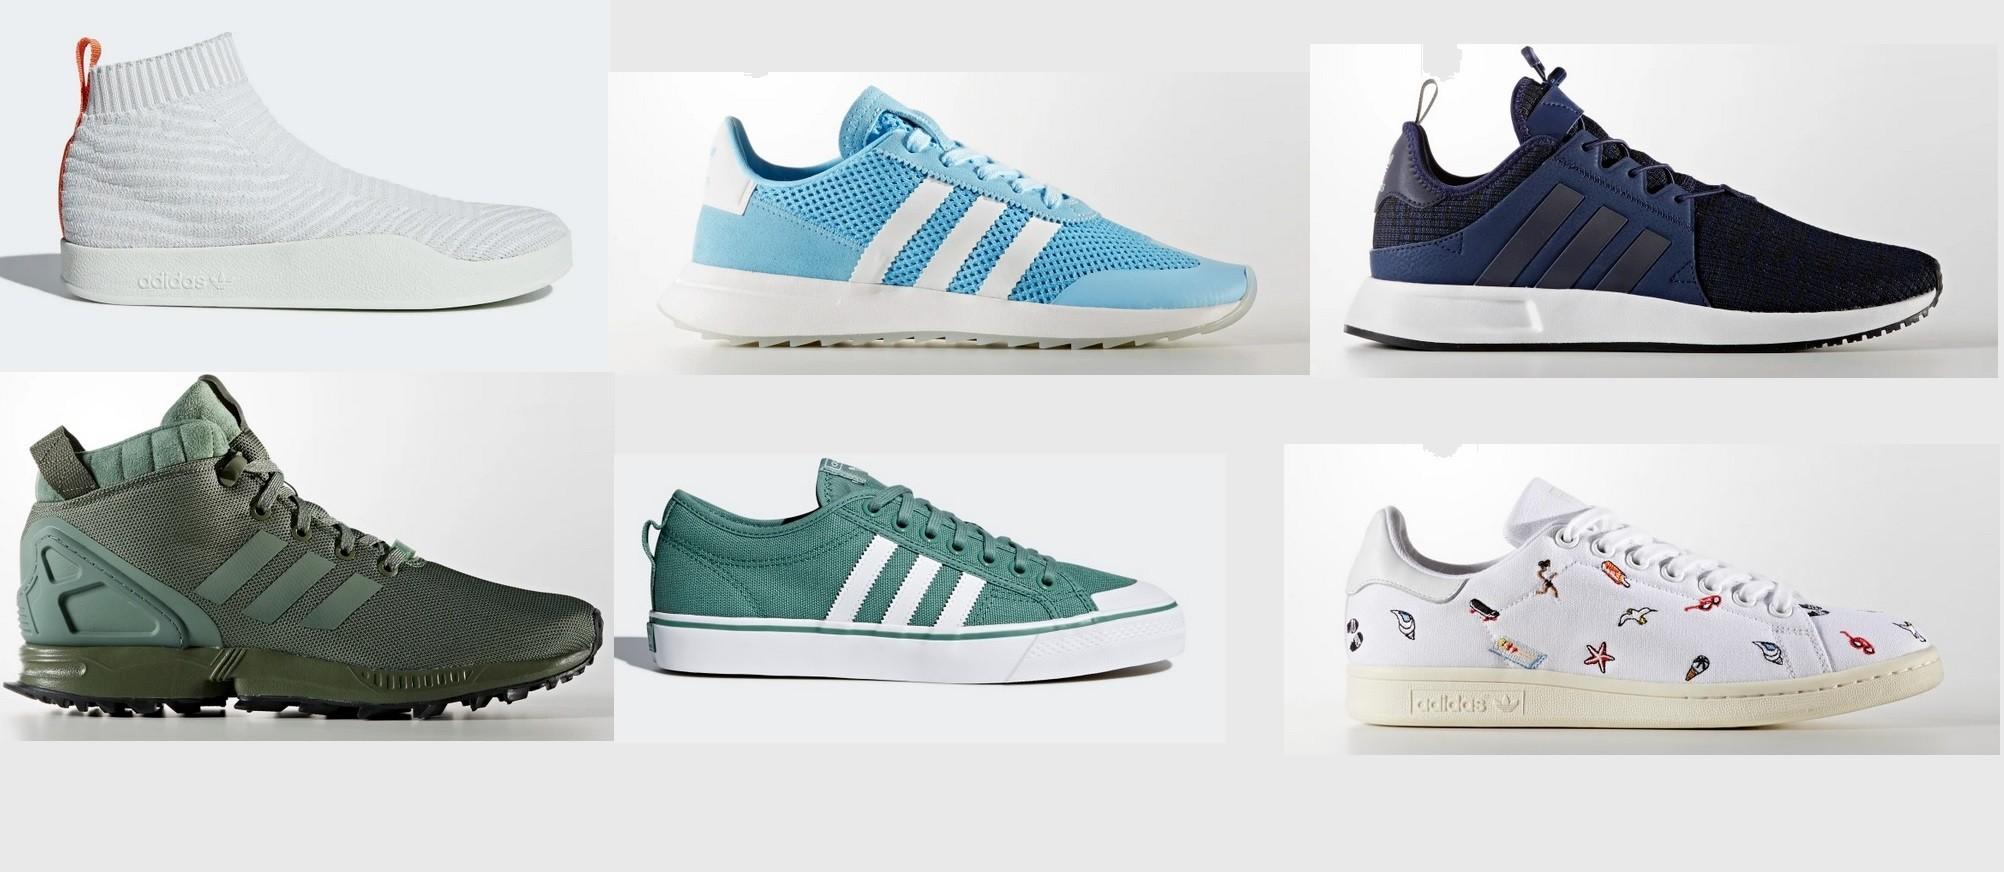 designer fashion 576f3 0eea6 Cupón de descuento del 30% extra en zapatillas ya rebajadas hasta un 50% en  la web oficial de Adidas